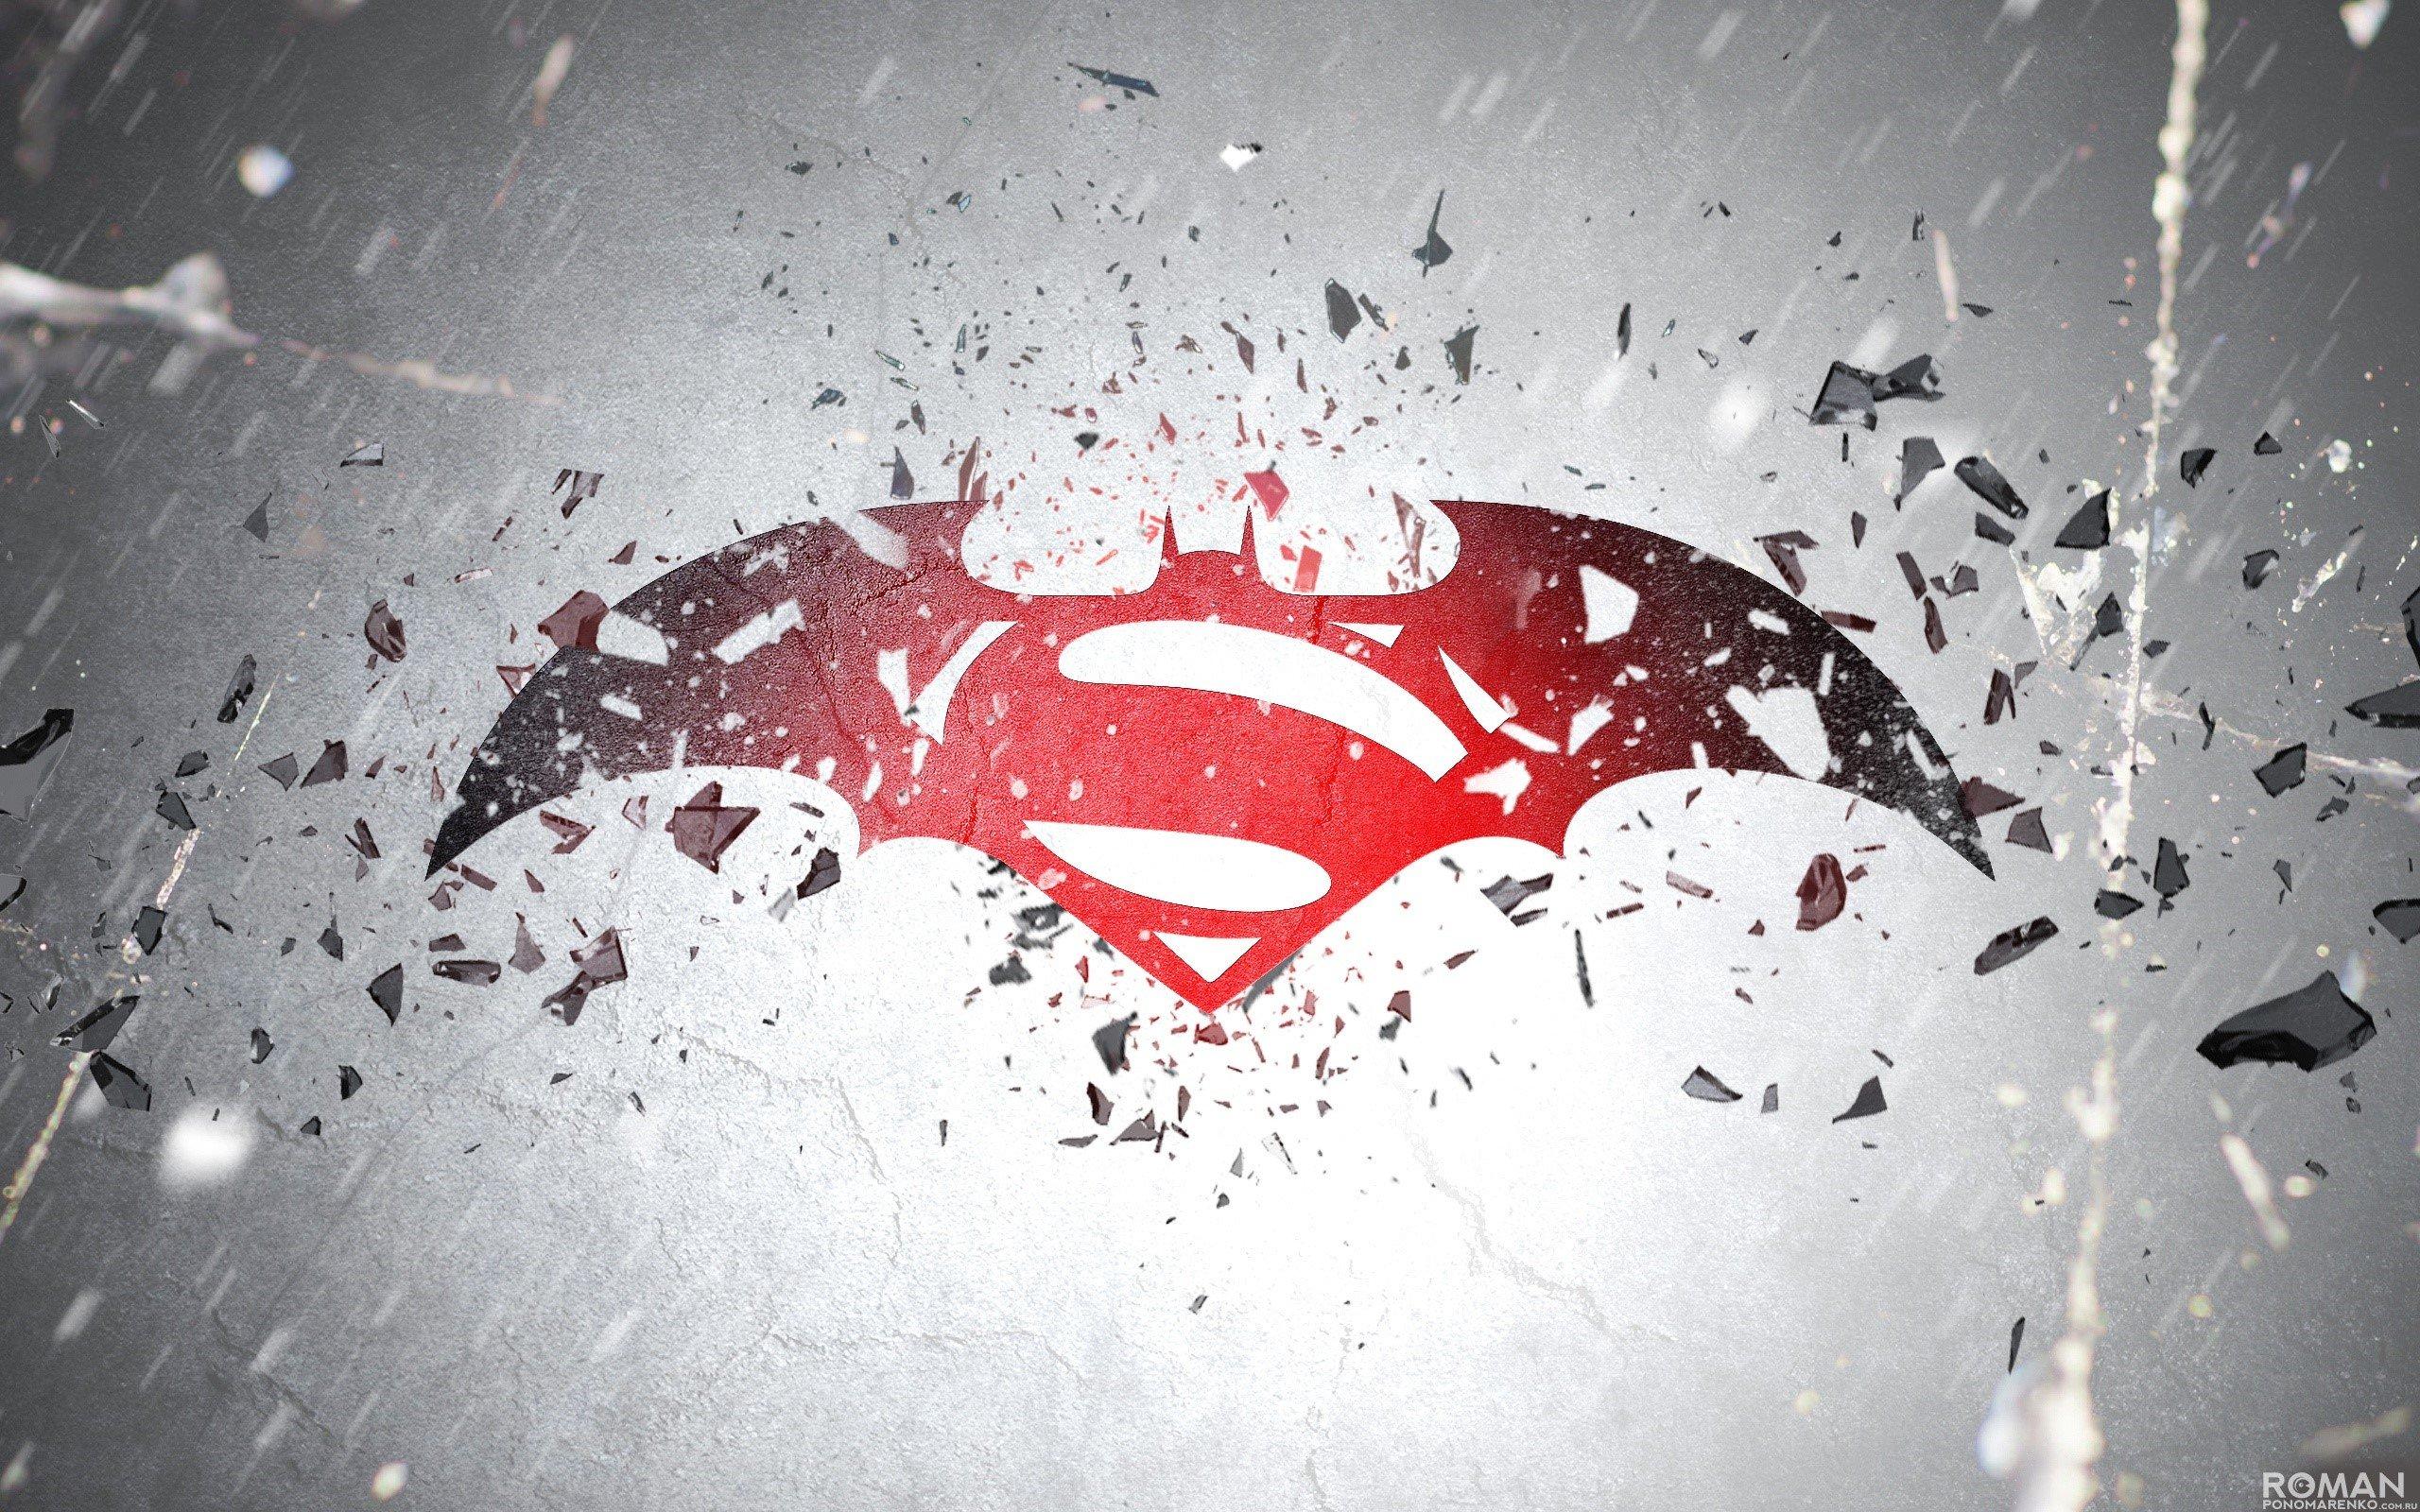 Fondos de pantalla Batman vs superman